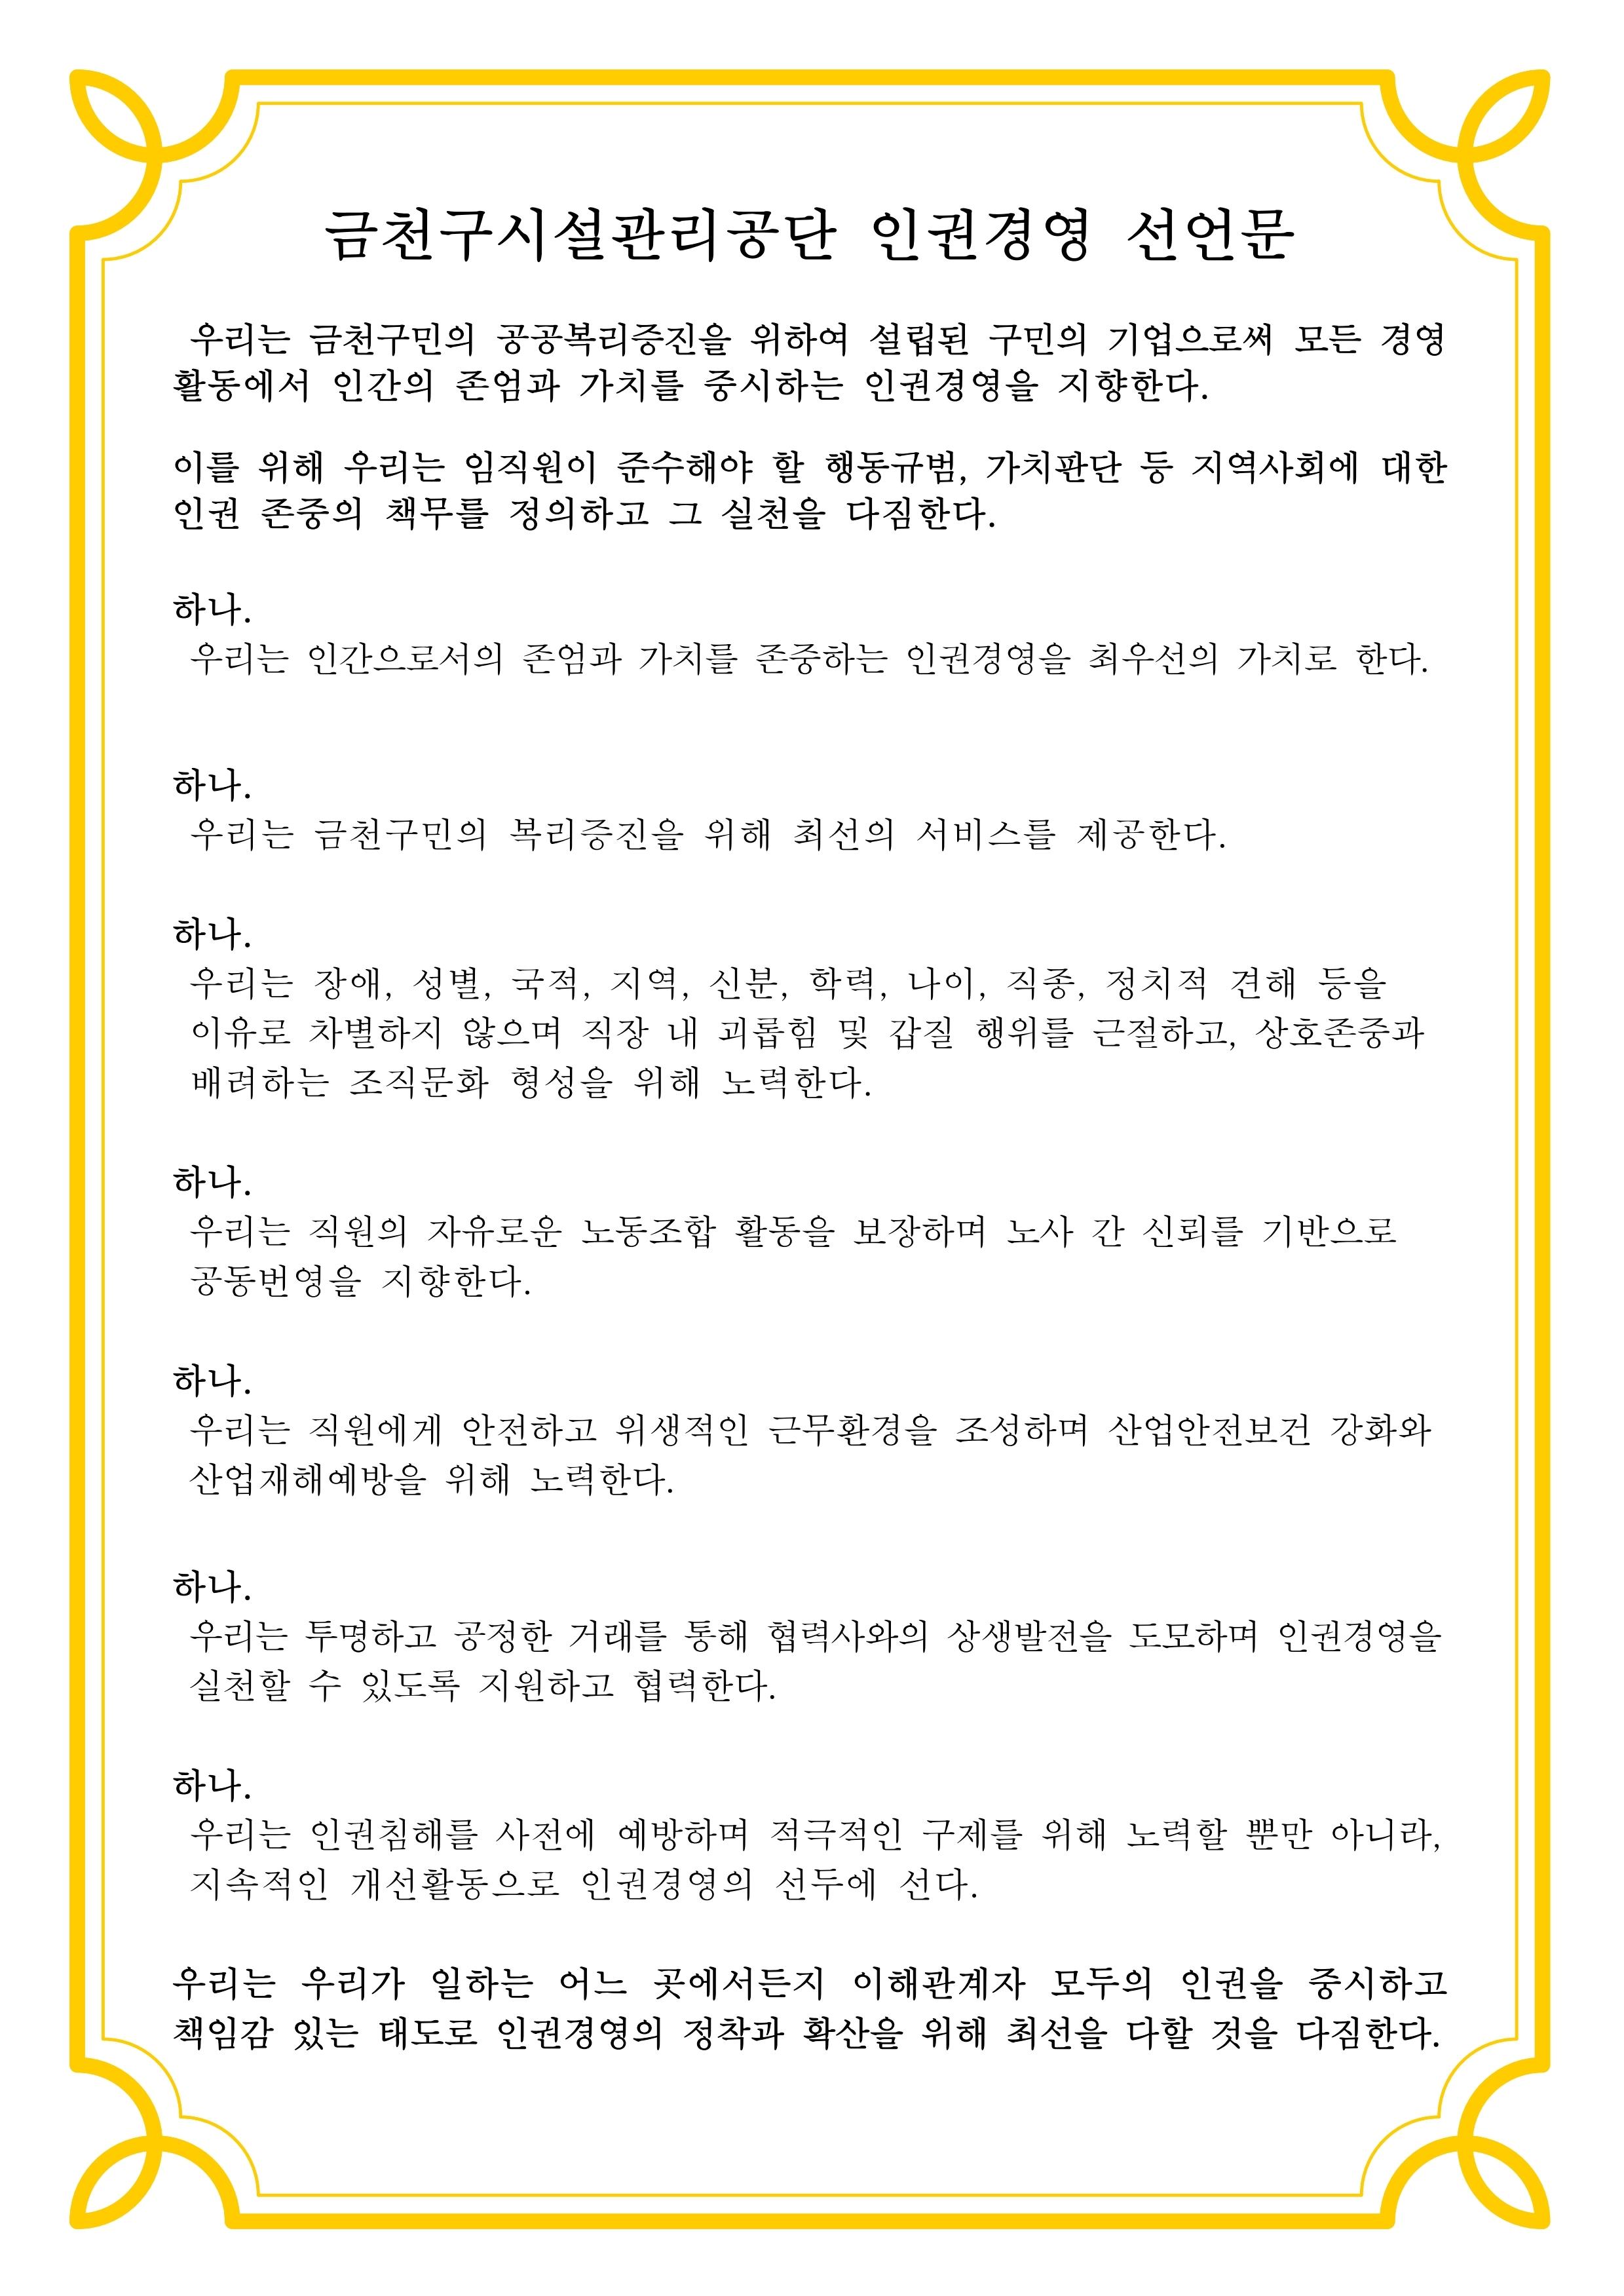 금천구시설관리공단 인권경영선언문